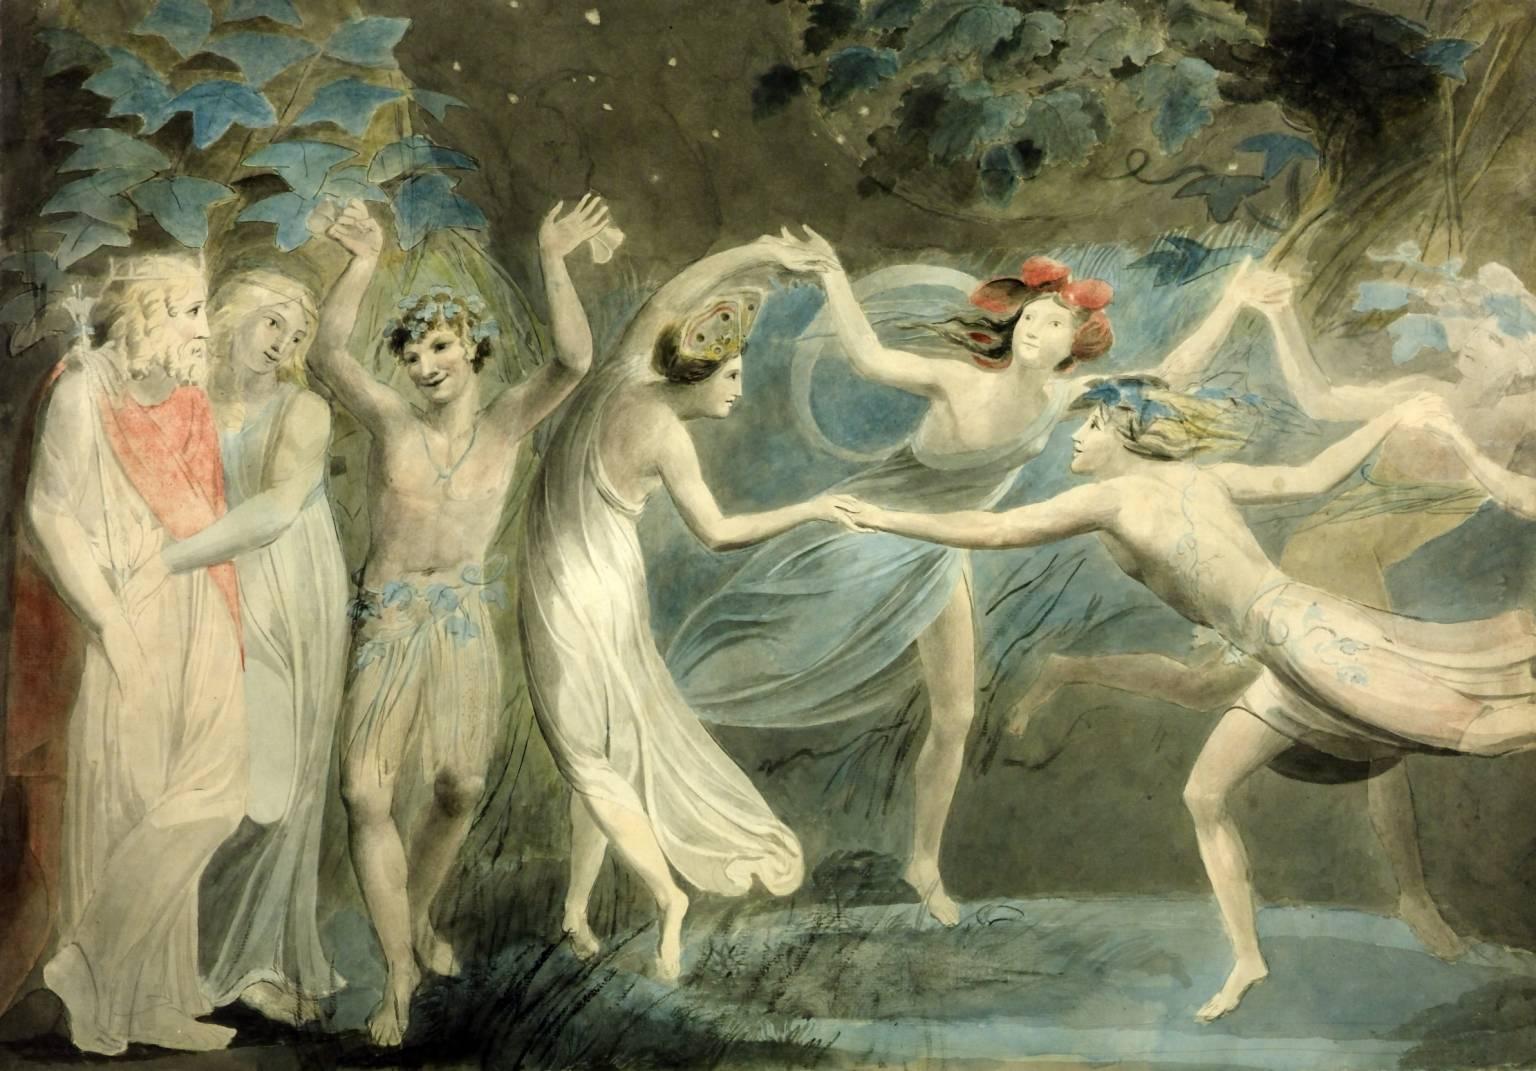 【作品解説】ウィリアム・ブレイク「オベロン、ティタニア、パックと踊る妖精たち」